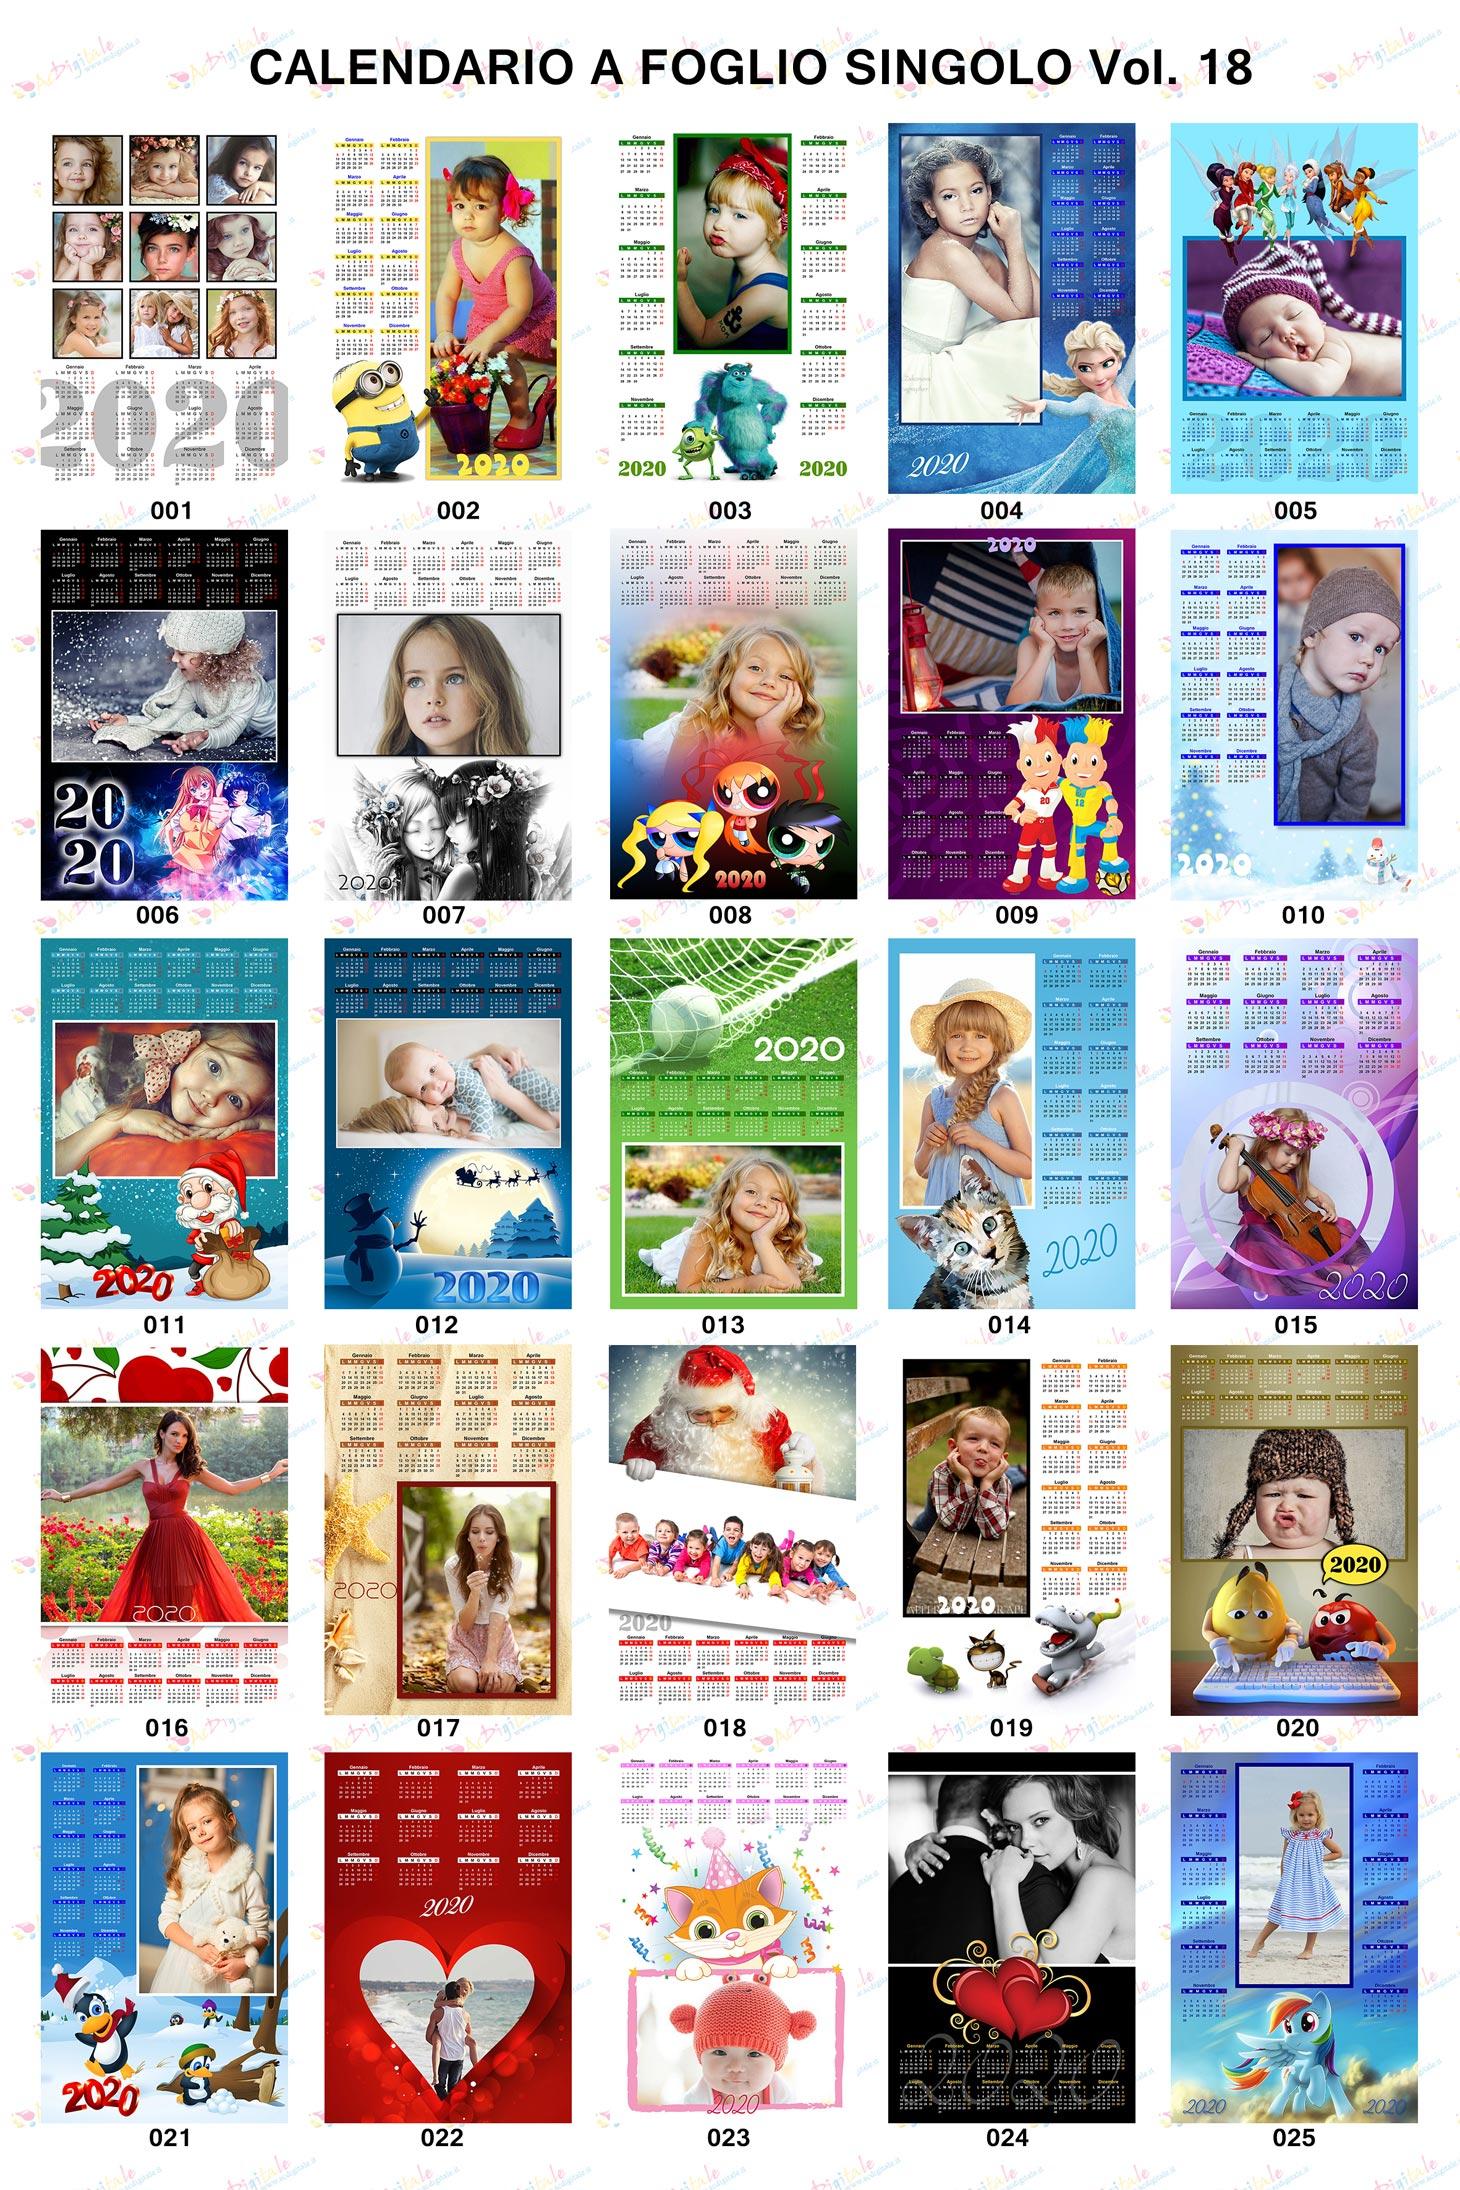 Anteprima calendari personalizzati 2020 volume 18